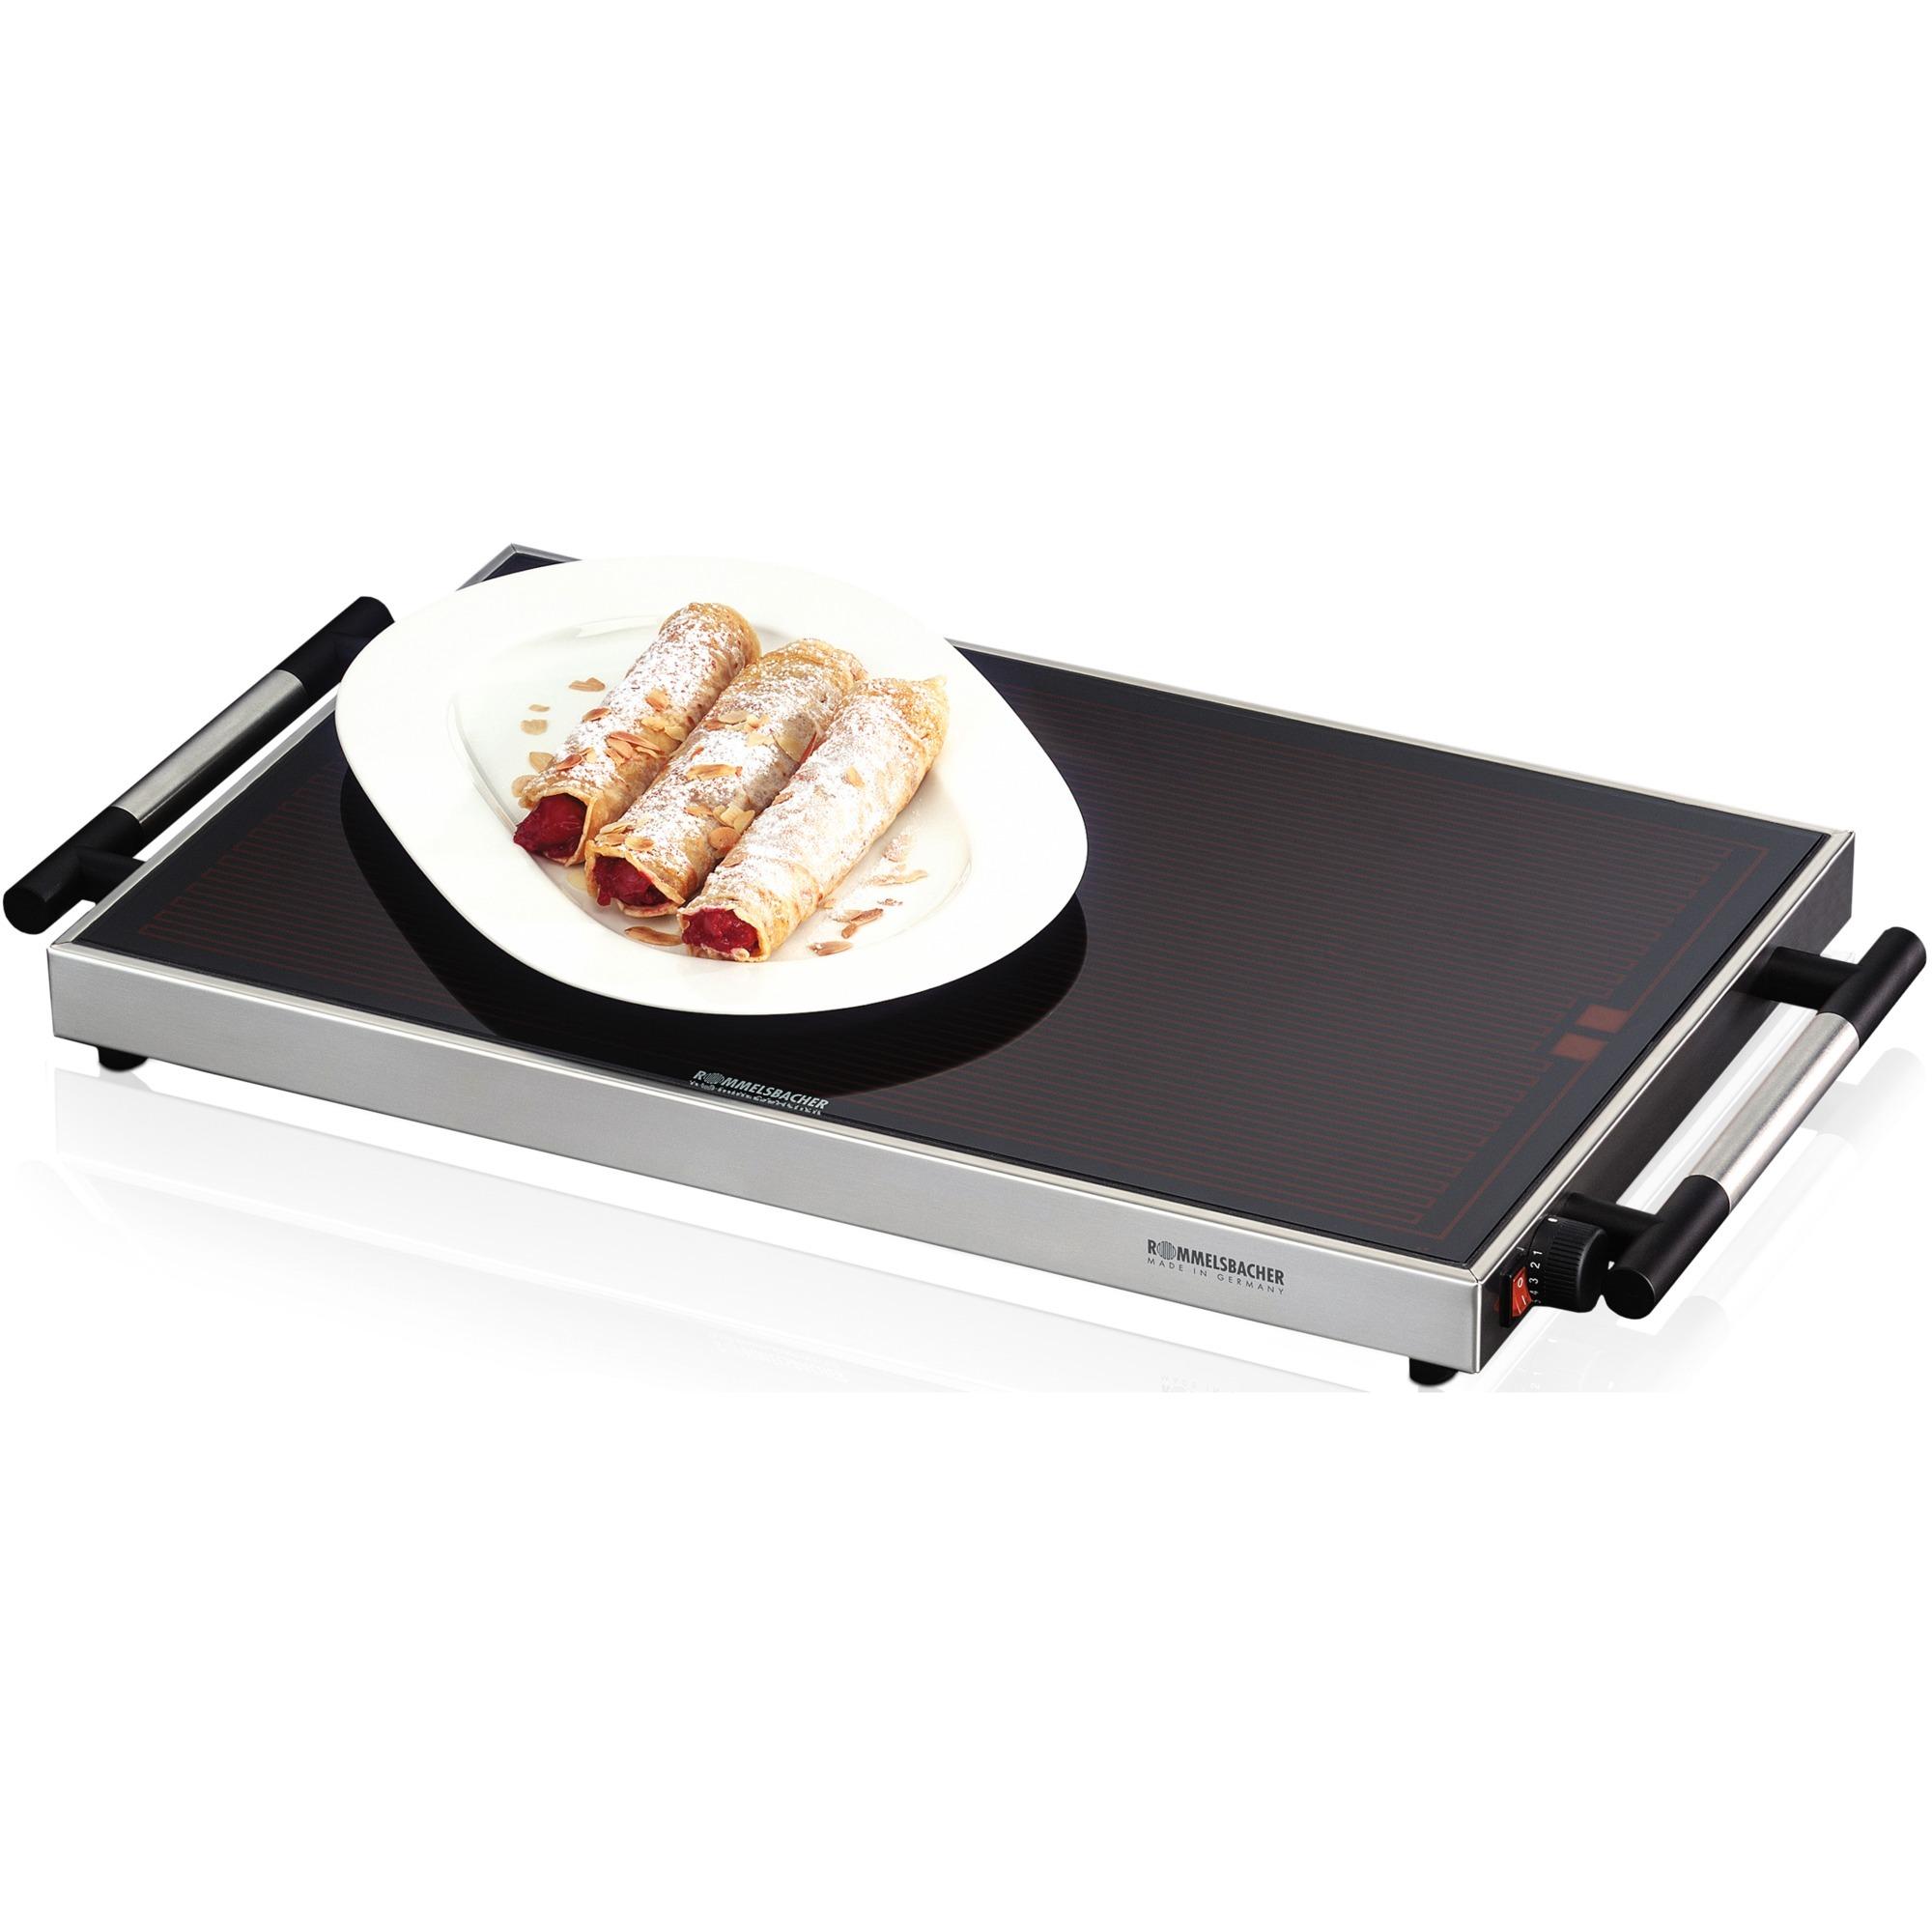 WPR 305/E calentador de alimentos 300 W Acero inoxidable, Calientaplatos